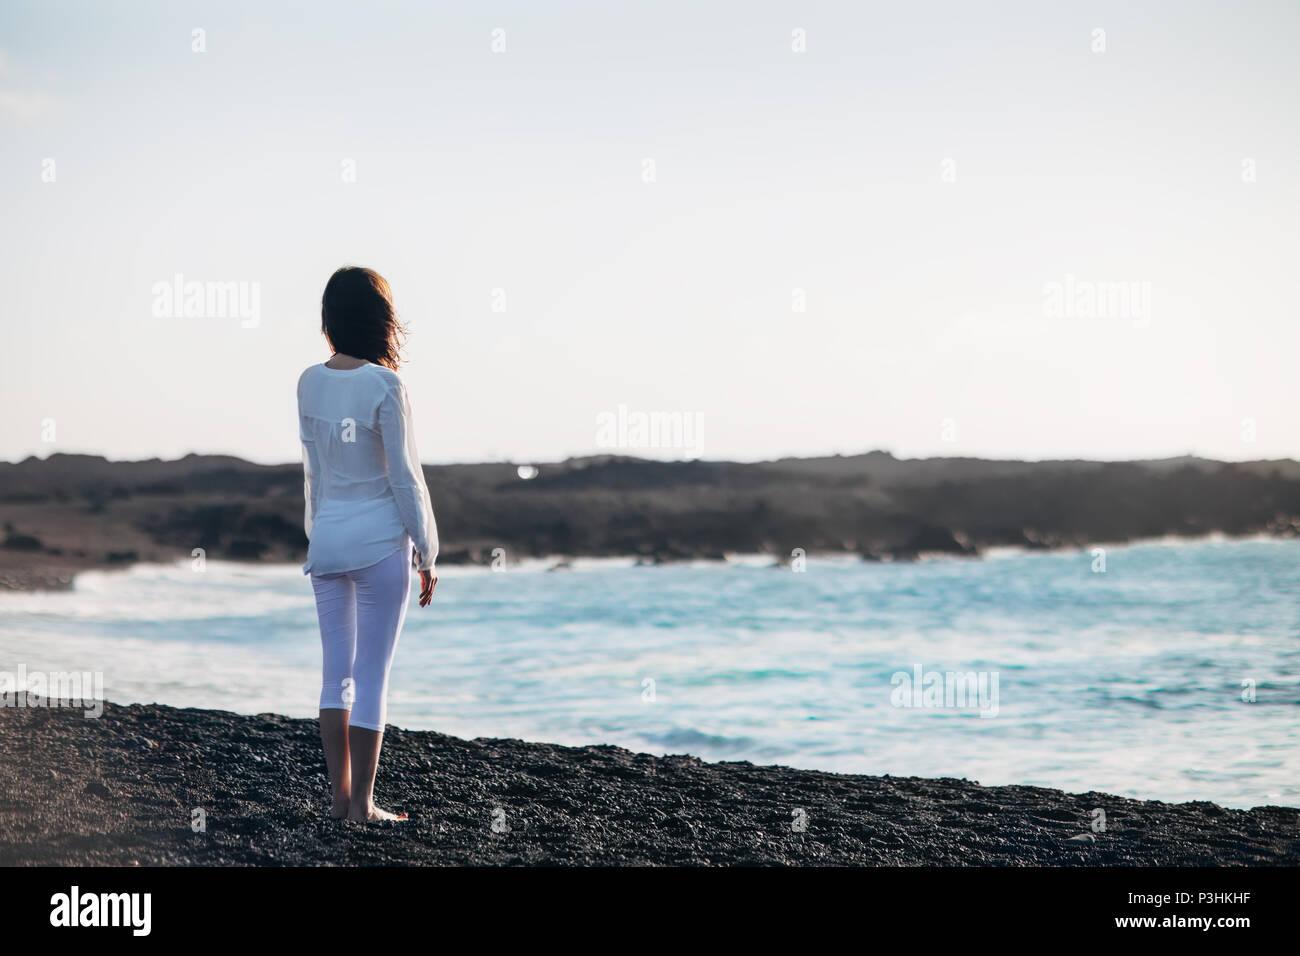 Vue arrière de jeune femme seule bénéficiant d'océan sur la plage de sable noir. Canaries, Espagne. Concept de la Solitude Photo Stock